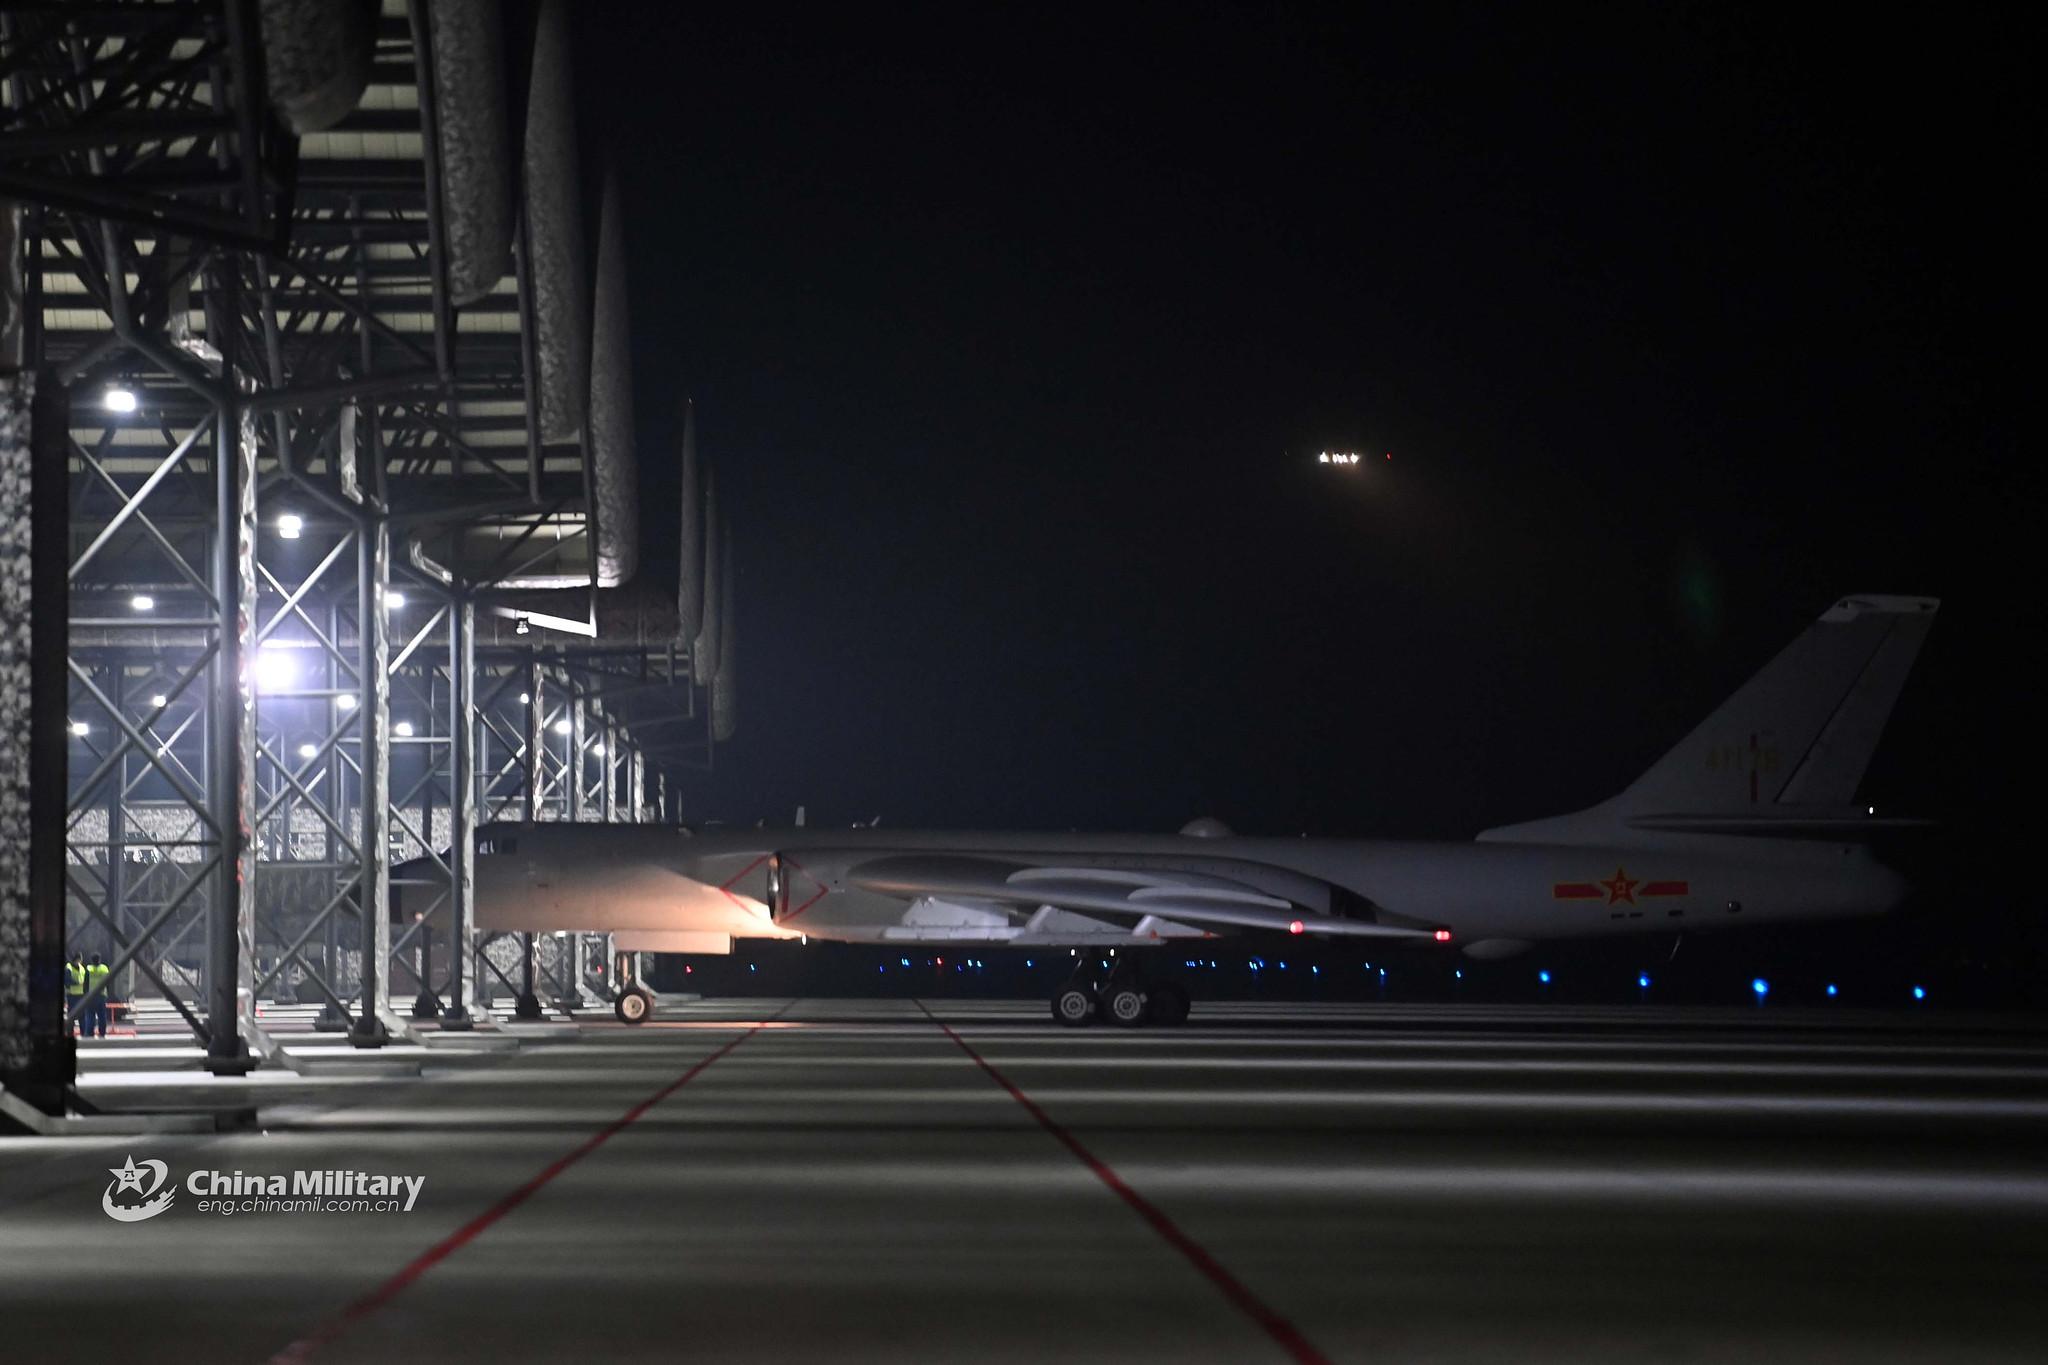 PLA Air Force General News Thread: - Page 11 51101012036_50dedd2a38_k